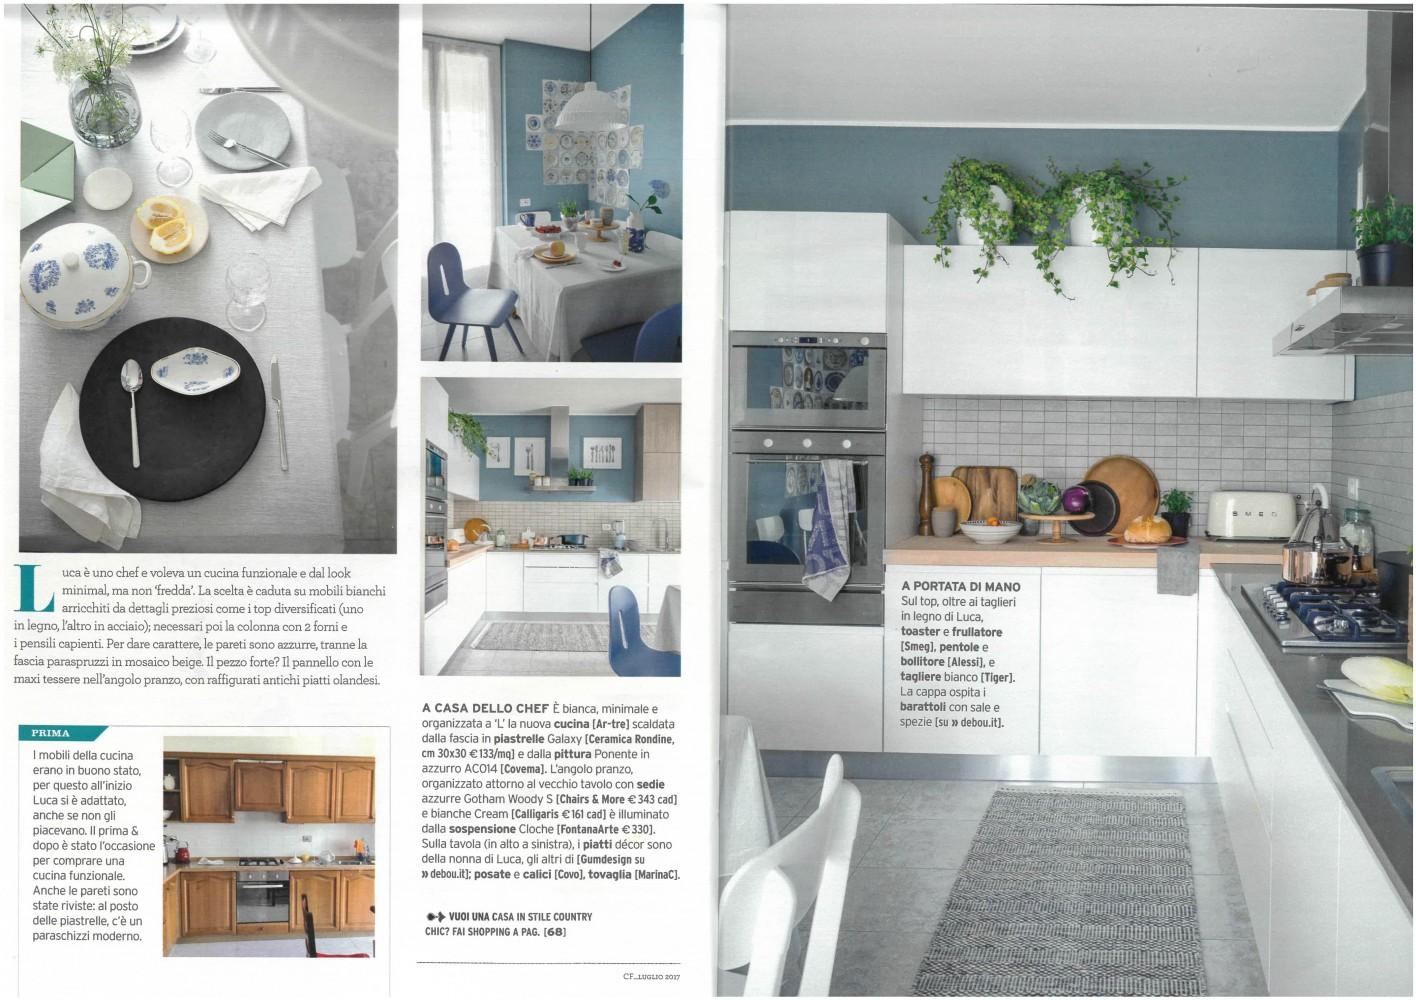 Emejing Comprare Una Cucina Photos - Ideas & Design 2017 ...